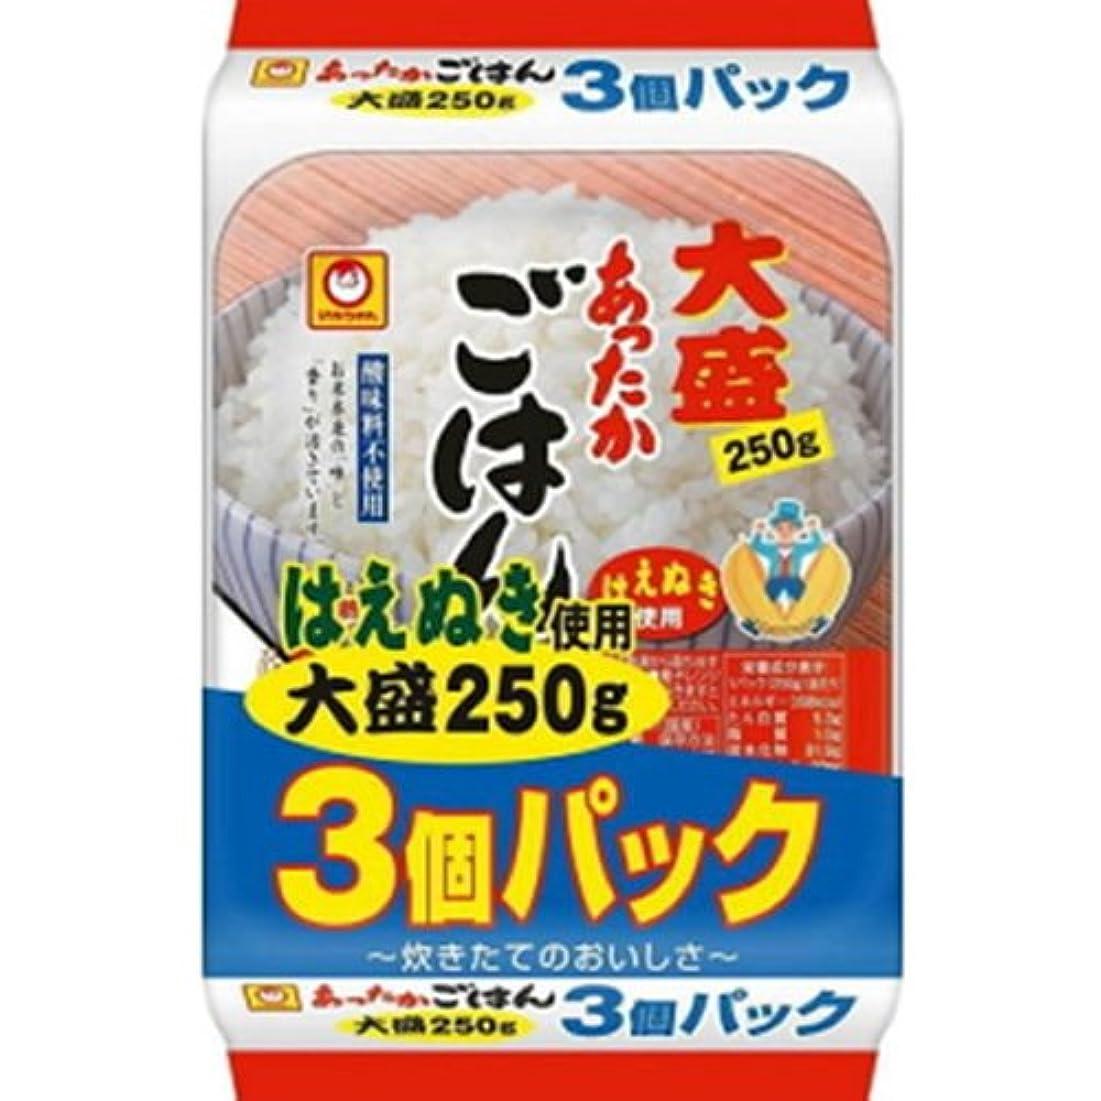 正当化するグリット淡いサトウのごはん きらら397 200g×20個